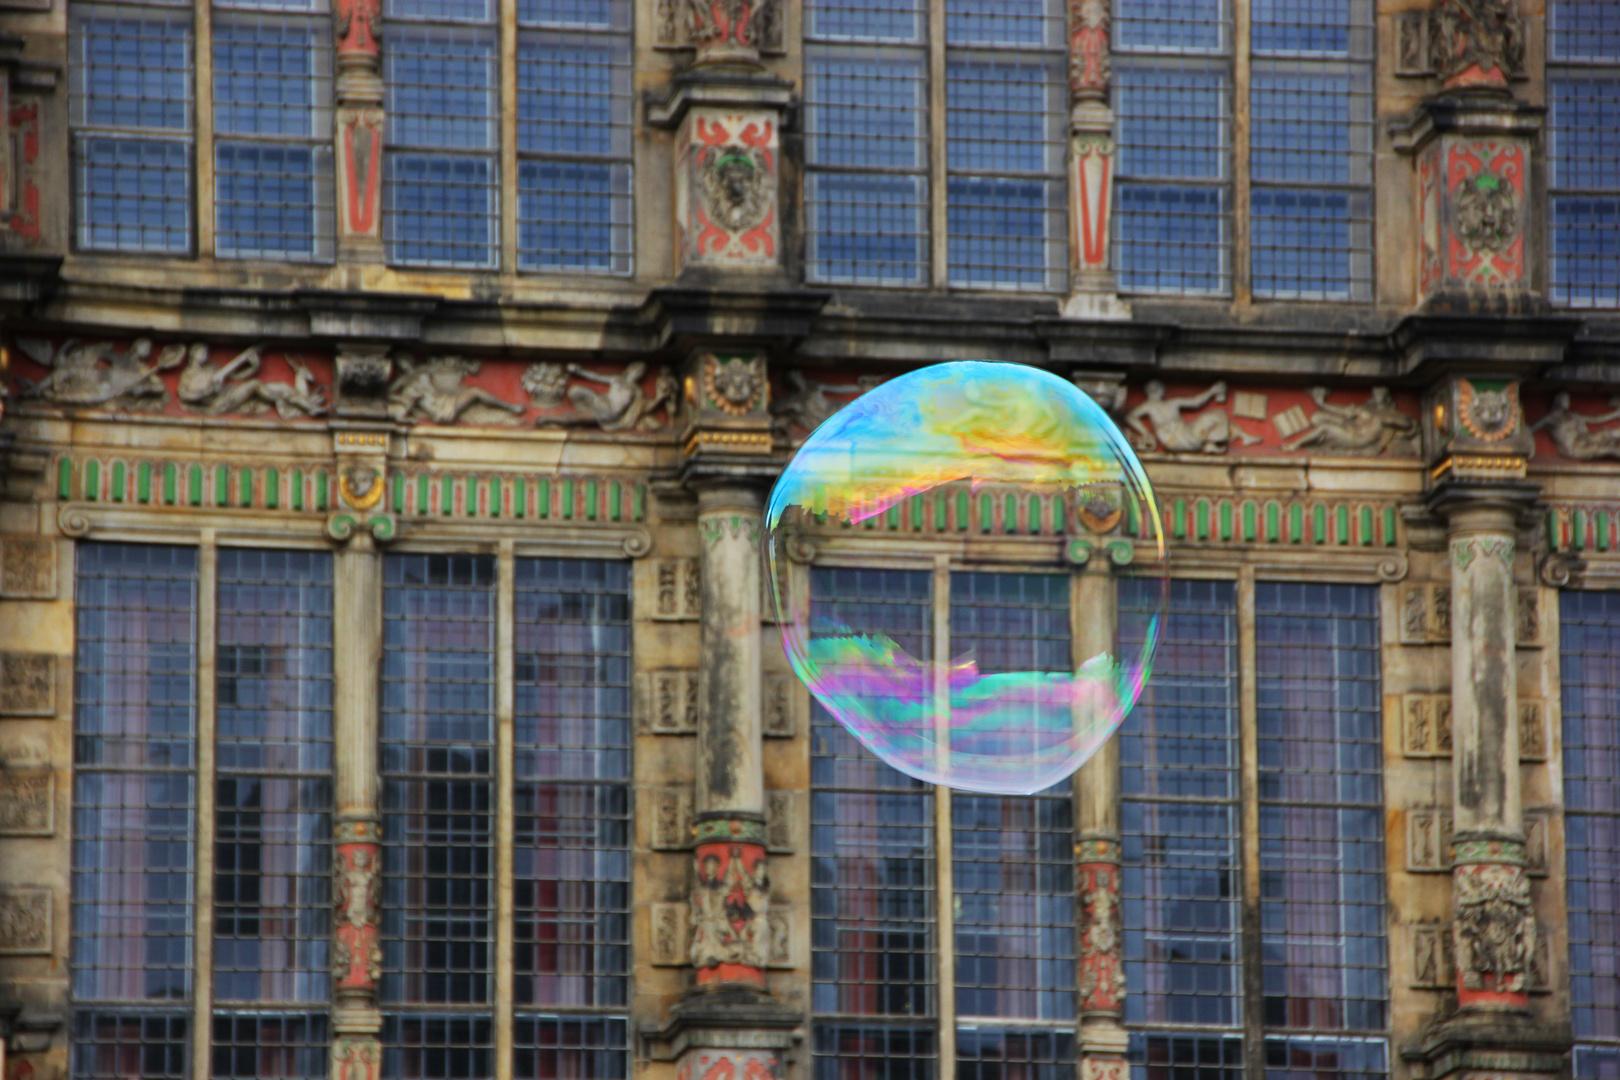 bubble life or glass facade